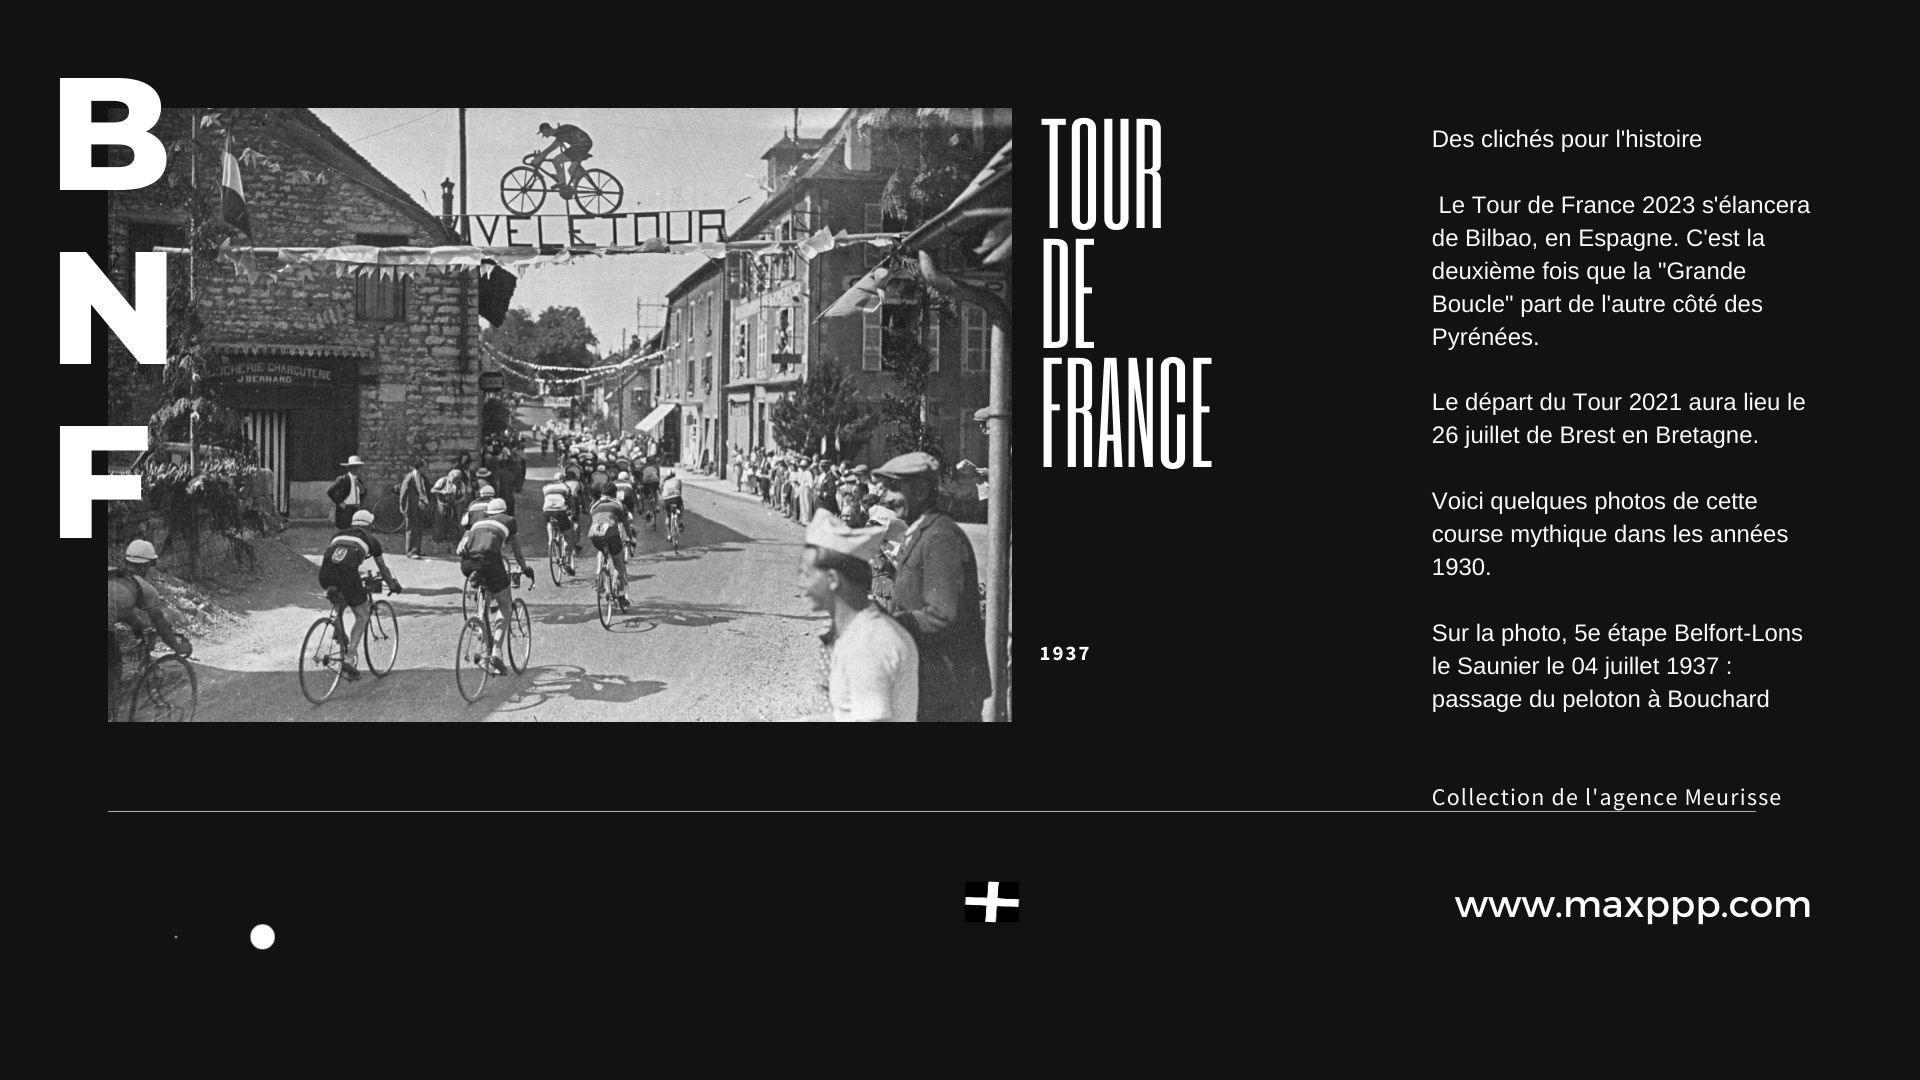 Tour de France, 1937